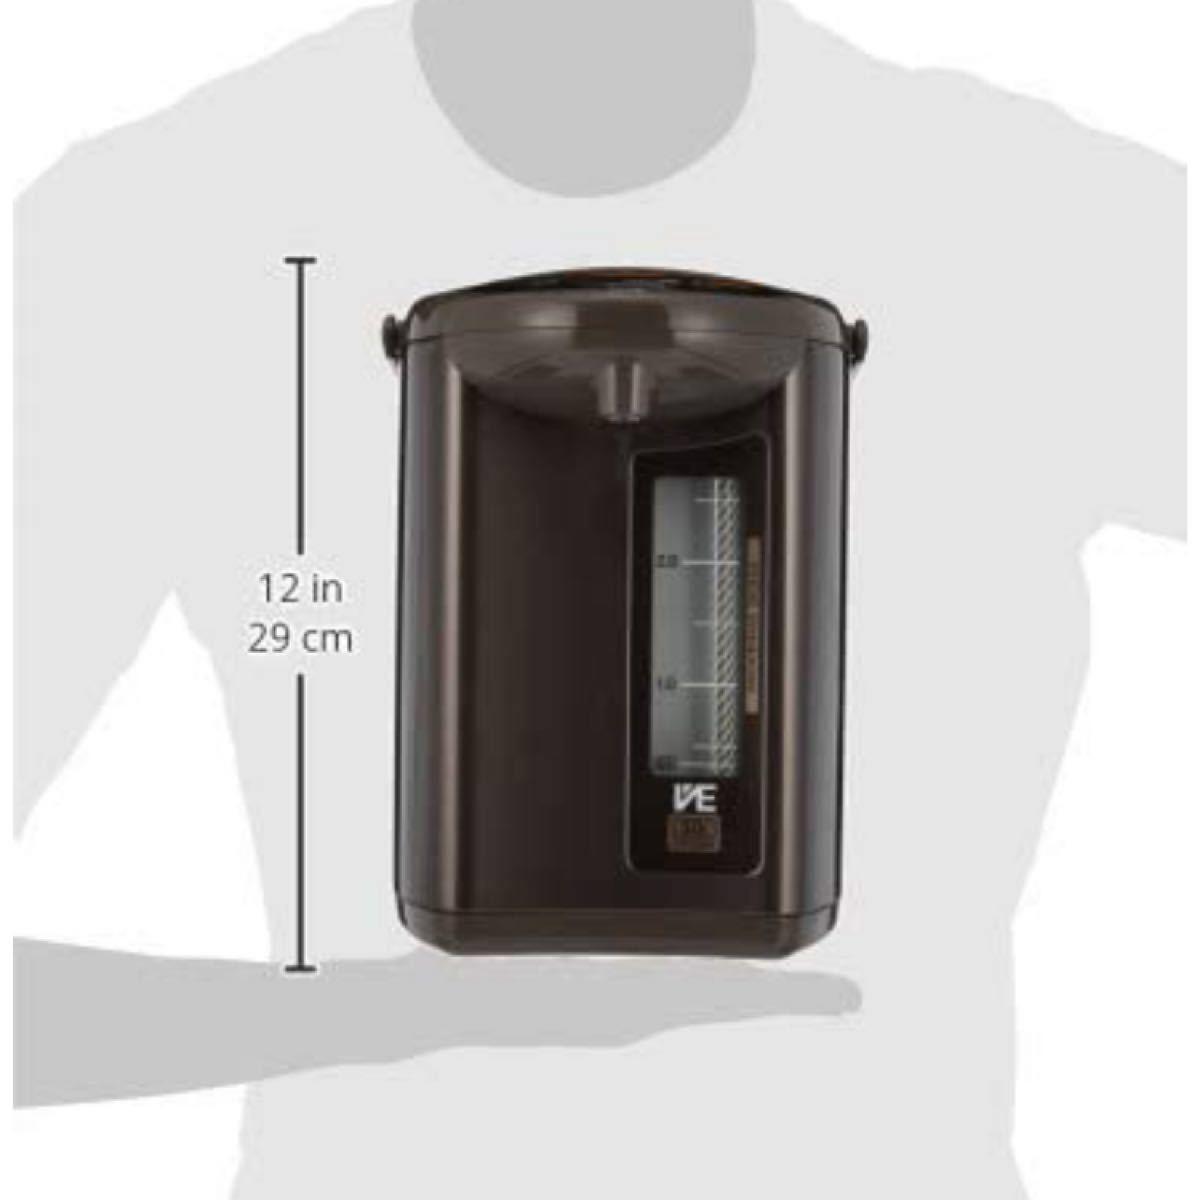 象印電気ポット 3.0L 優湯生 ブラウン CV-EB30-TA 新品 未使用 展示品